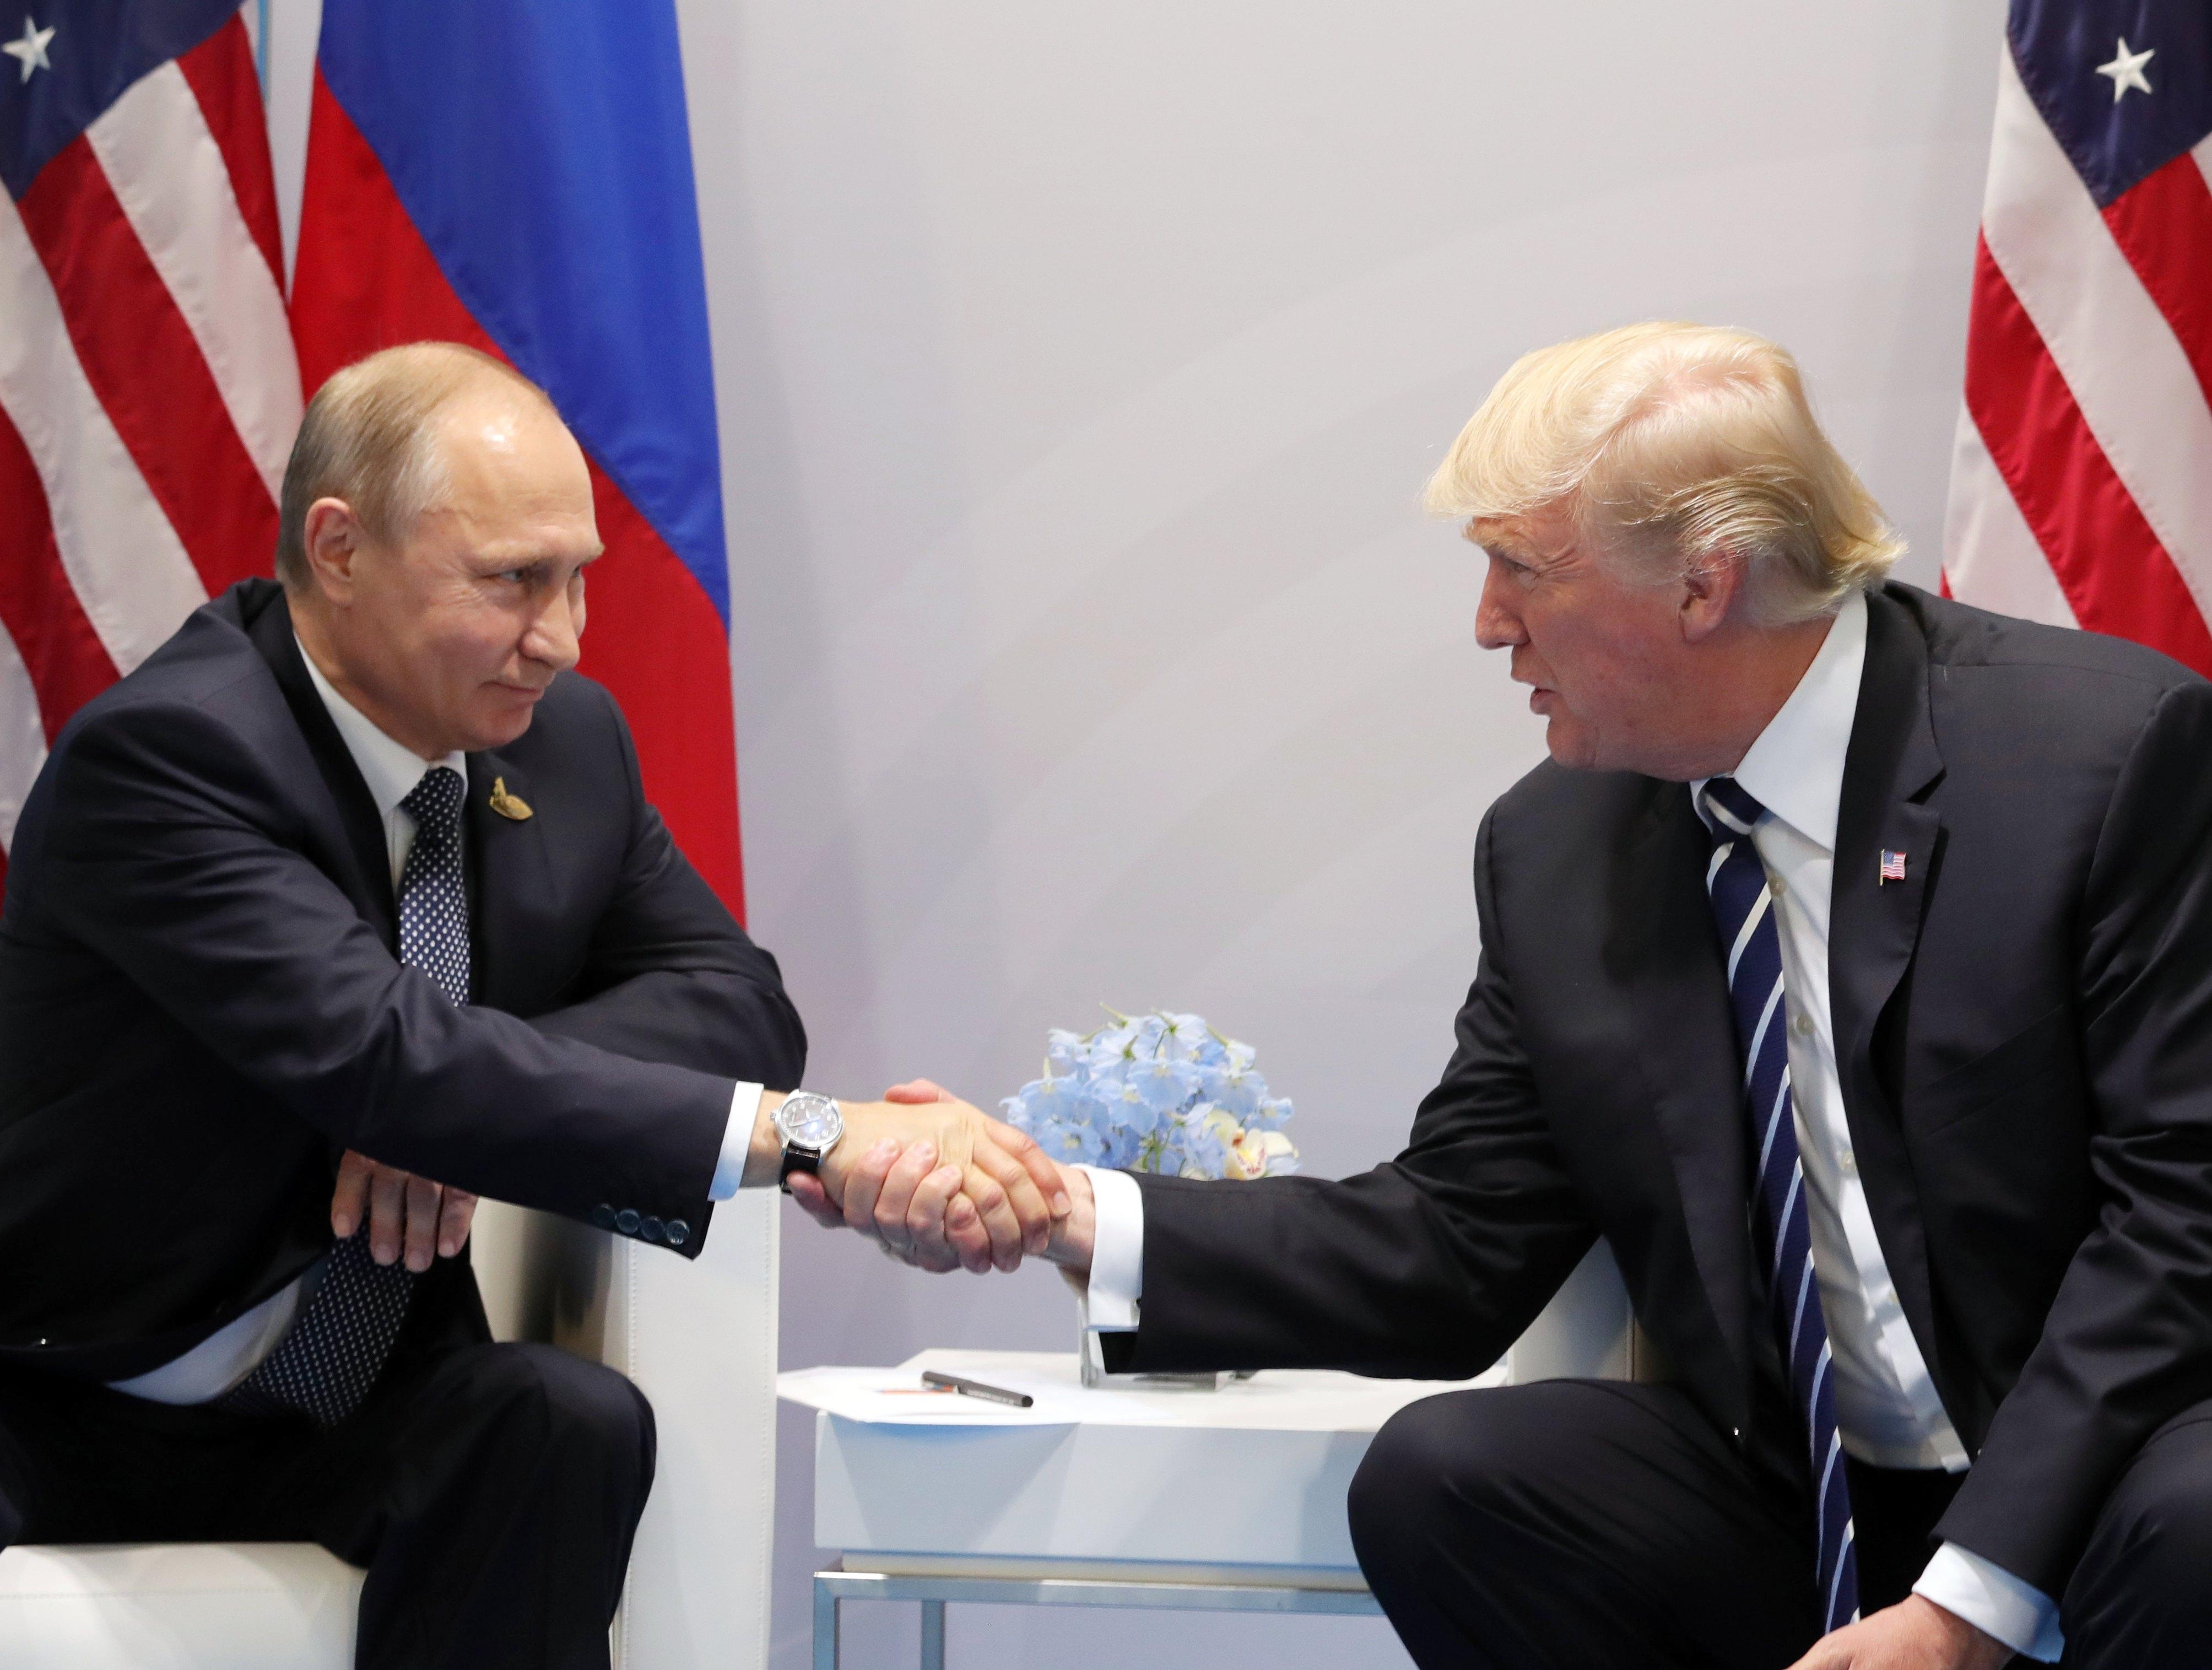 Congresso americano votará sanções contra Rússia